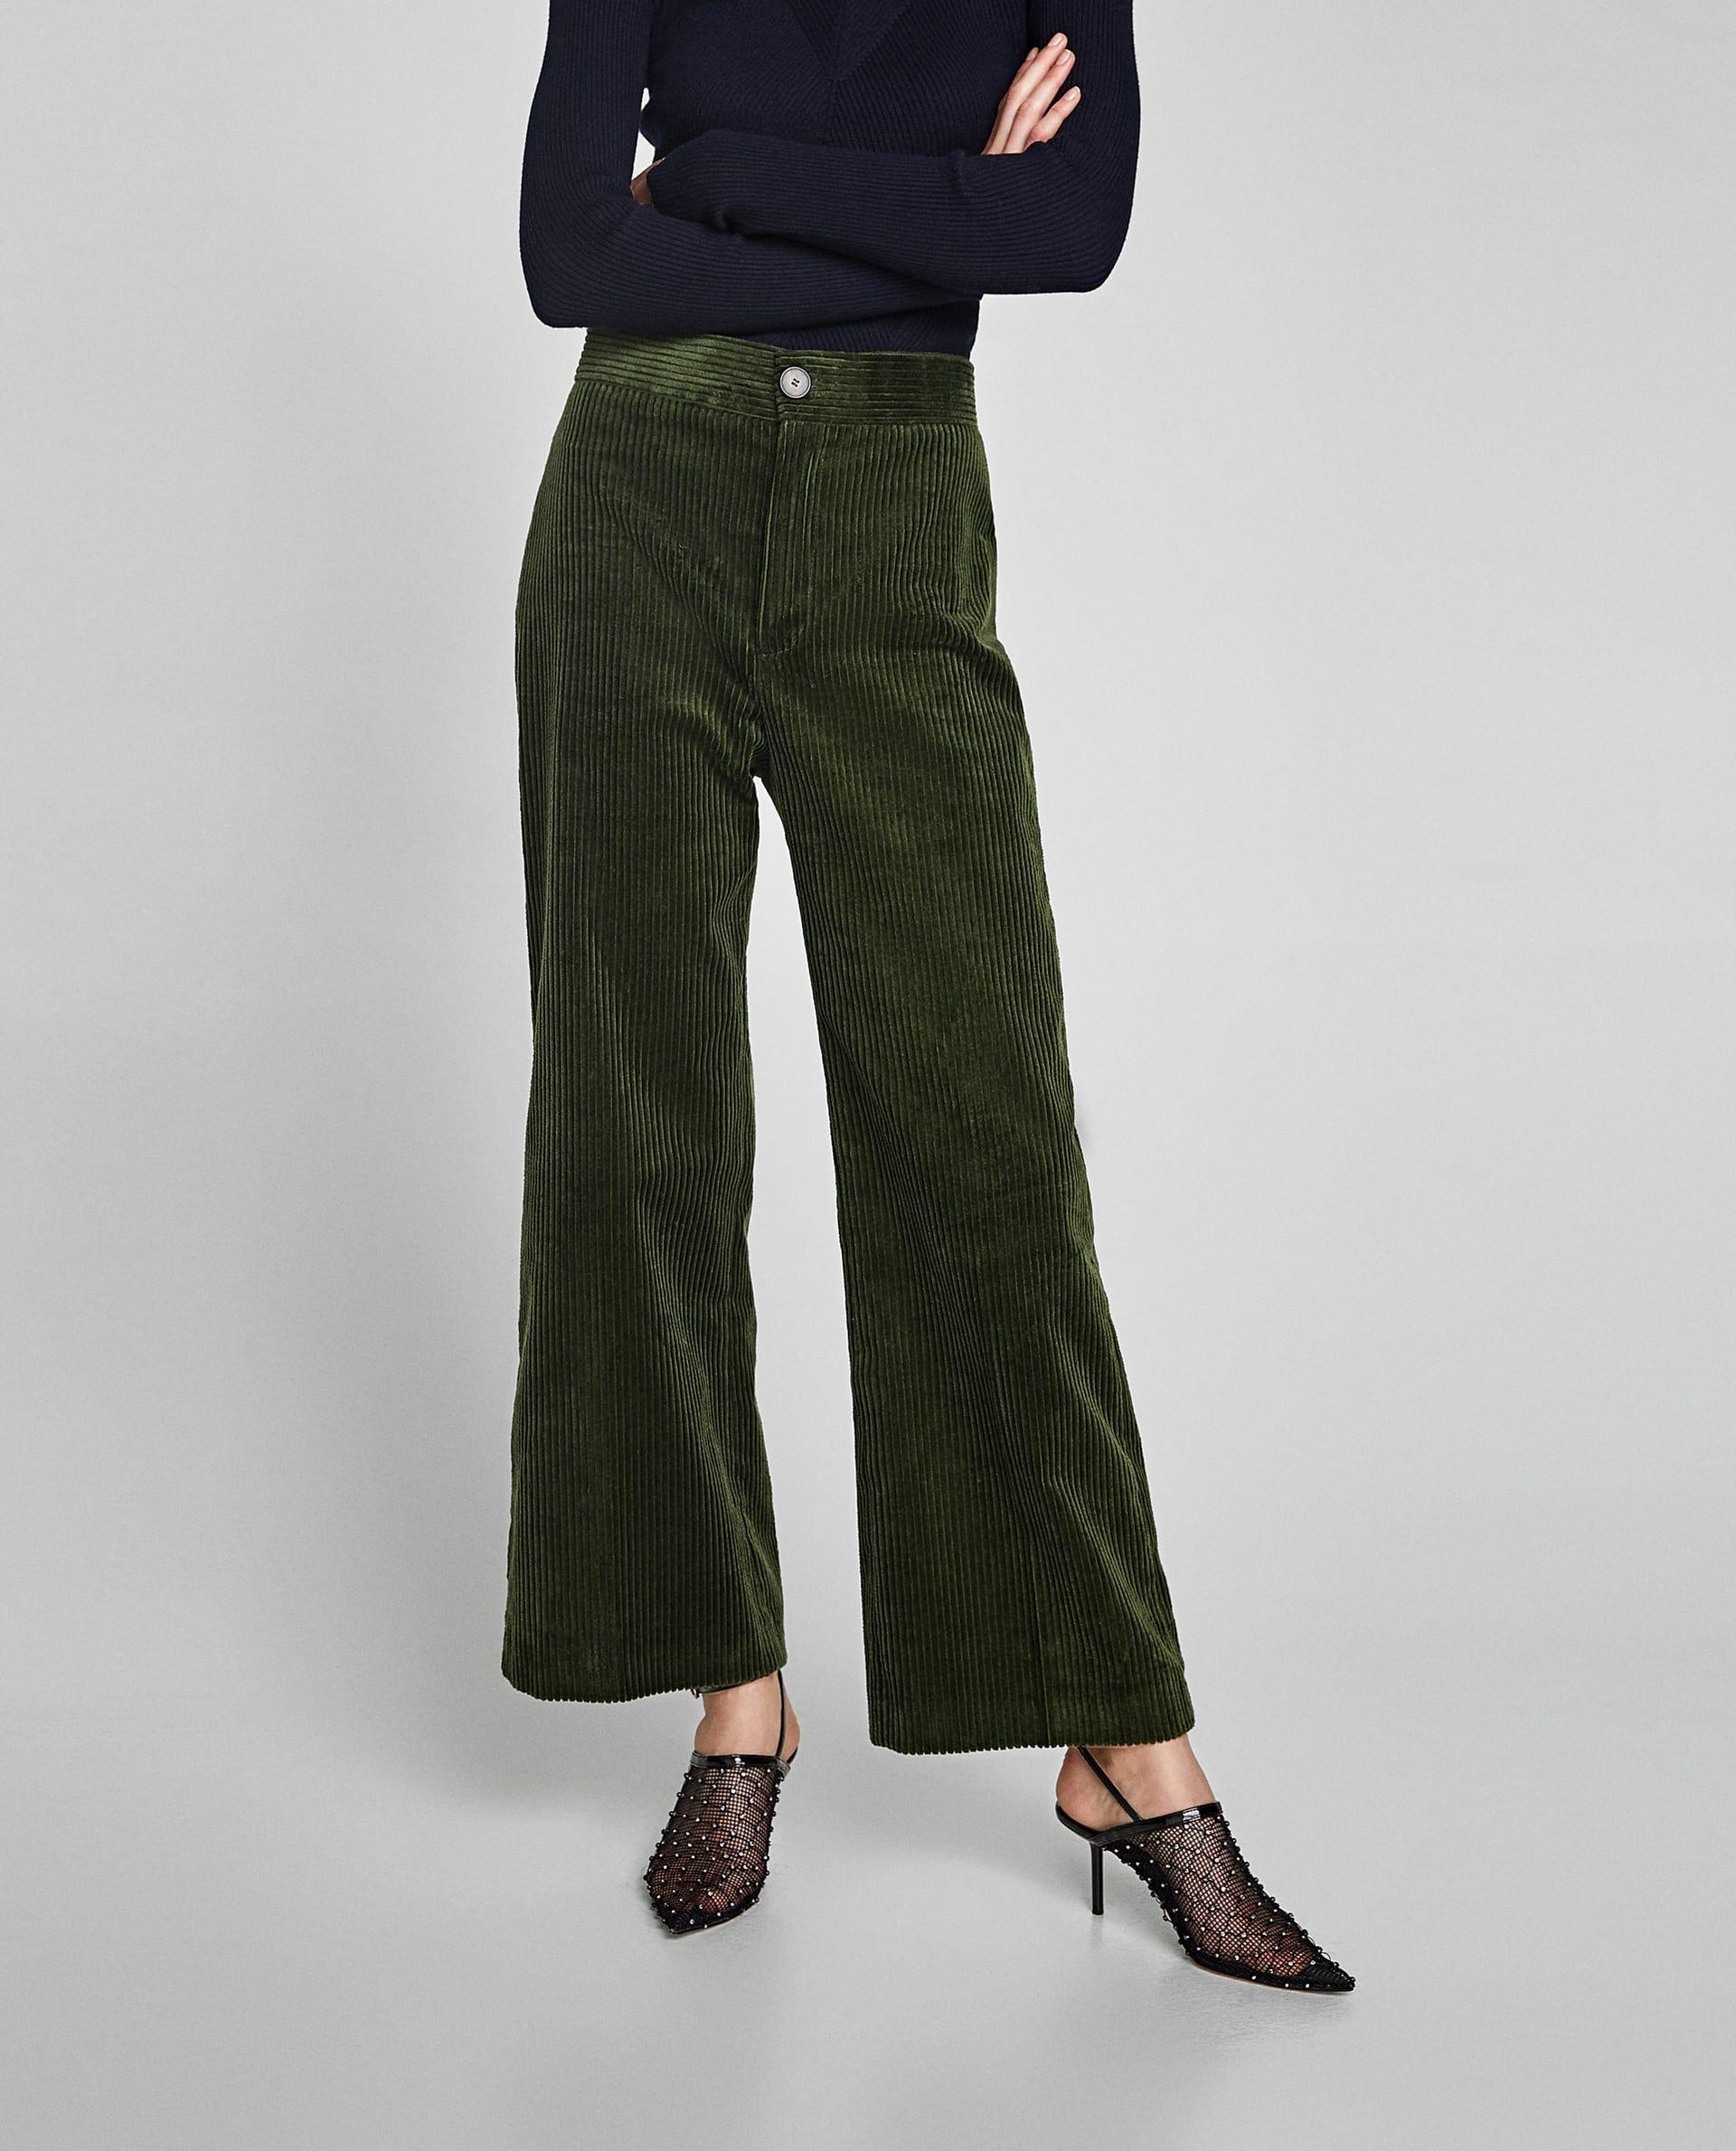 Imagen 2 De Pantalon Pana Gruesa De Zara Pantalones De Pana Pantalones Mujer Pana